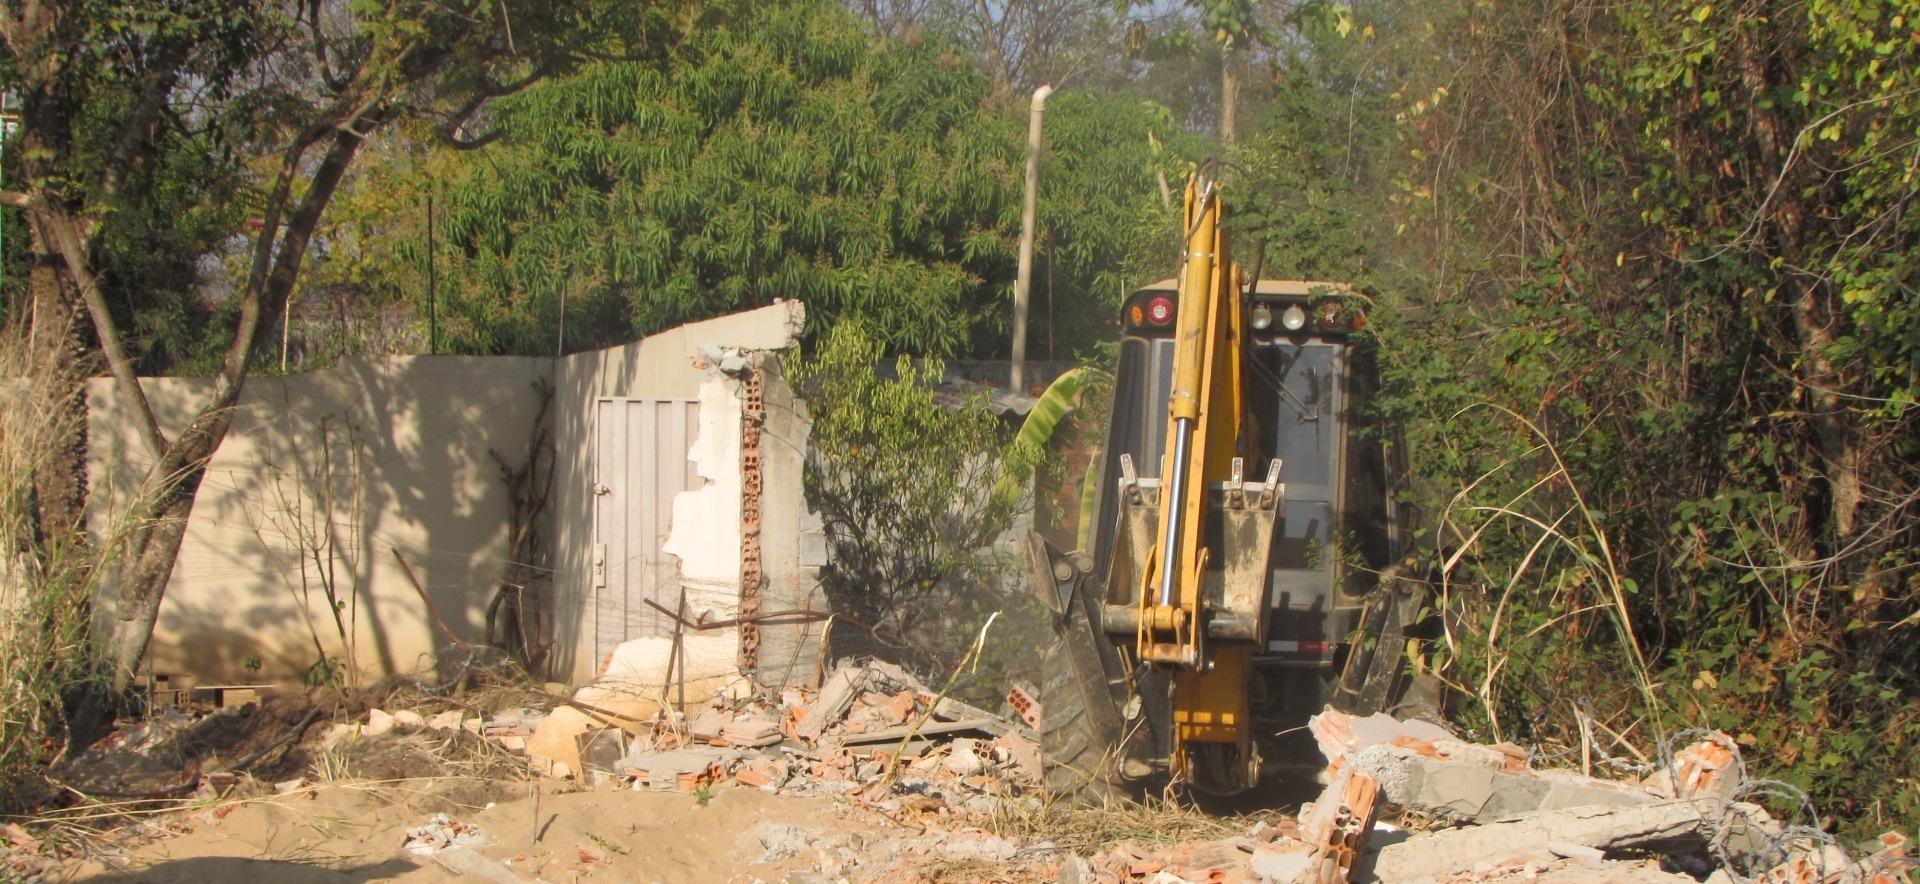 Prefeitura derruba muros e cercas de imóveis construídos em área de preservação permanente em Montes Claros - Notícias - Plantão Diário